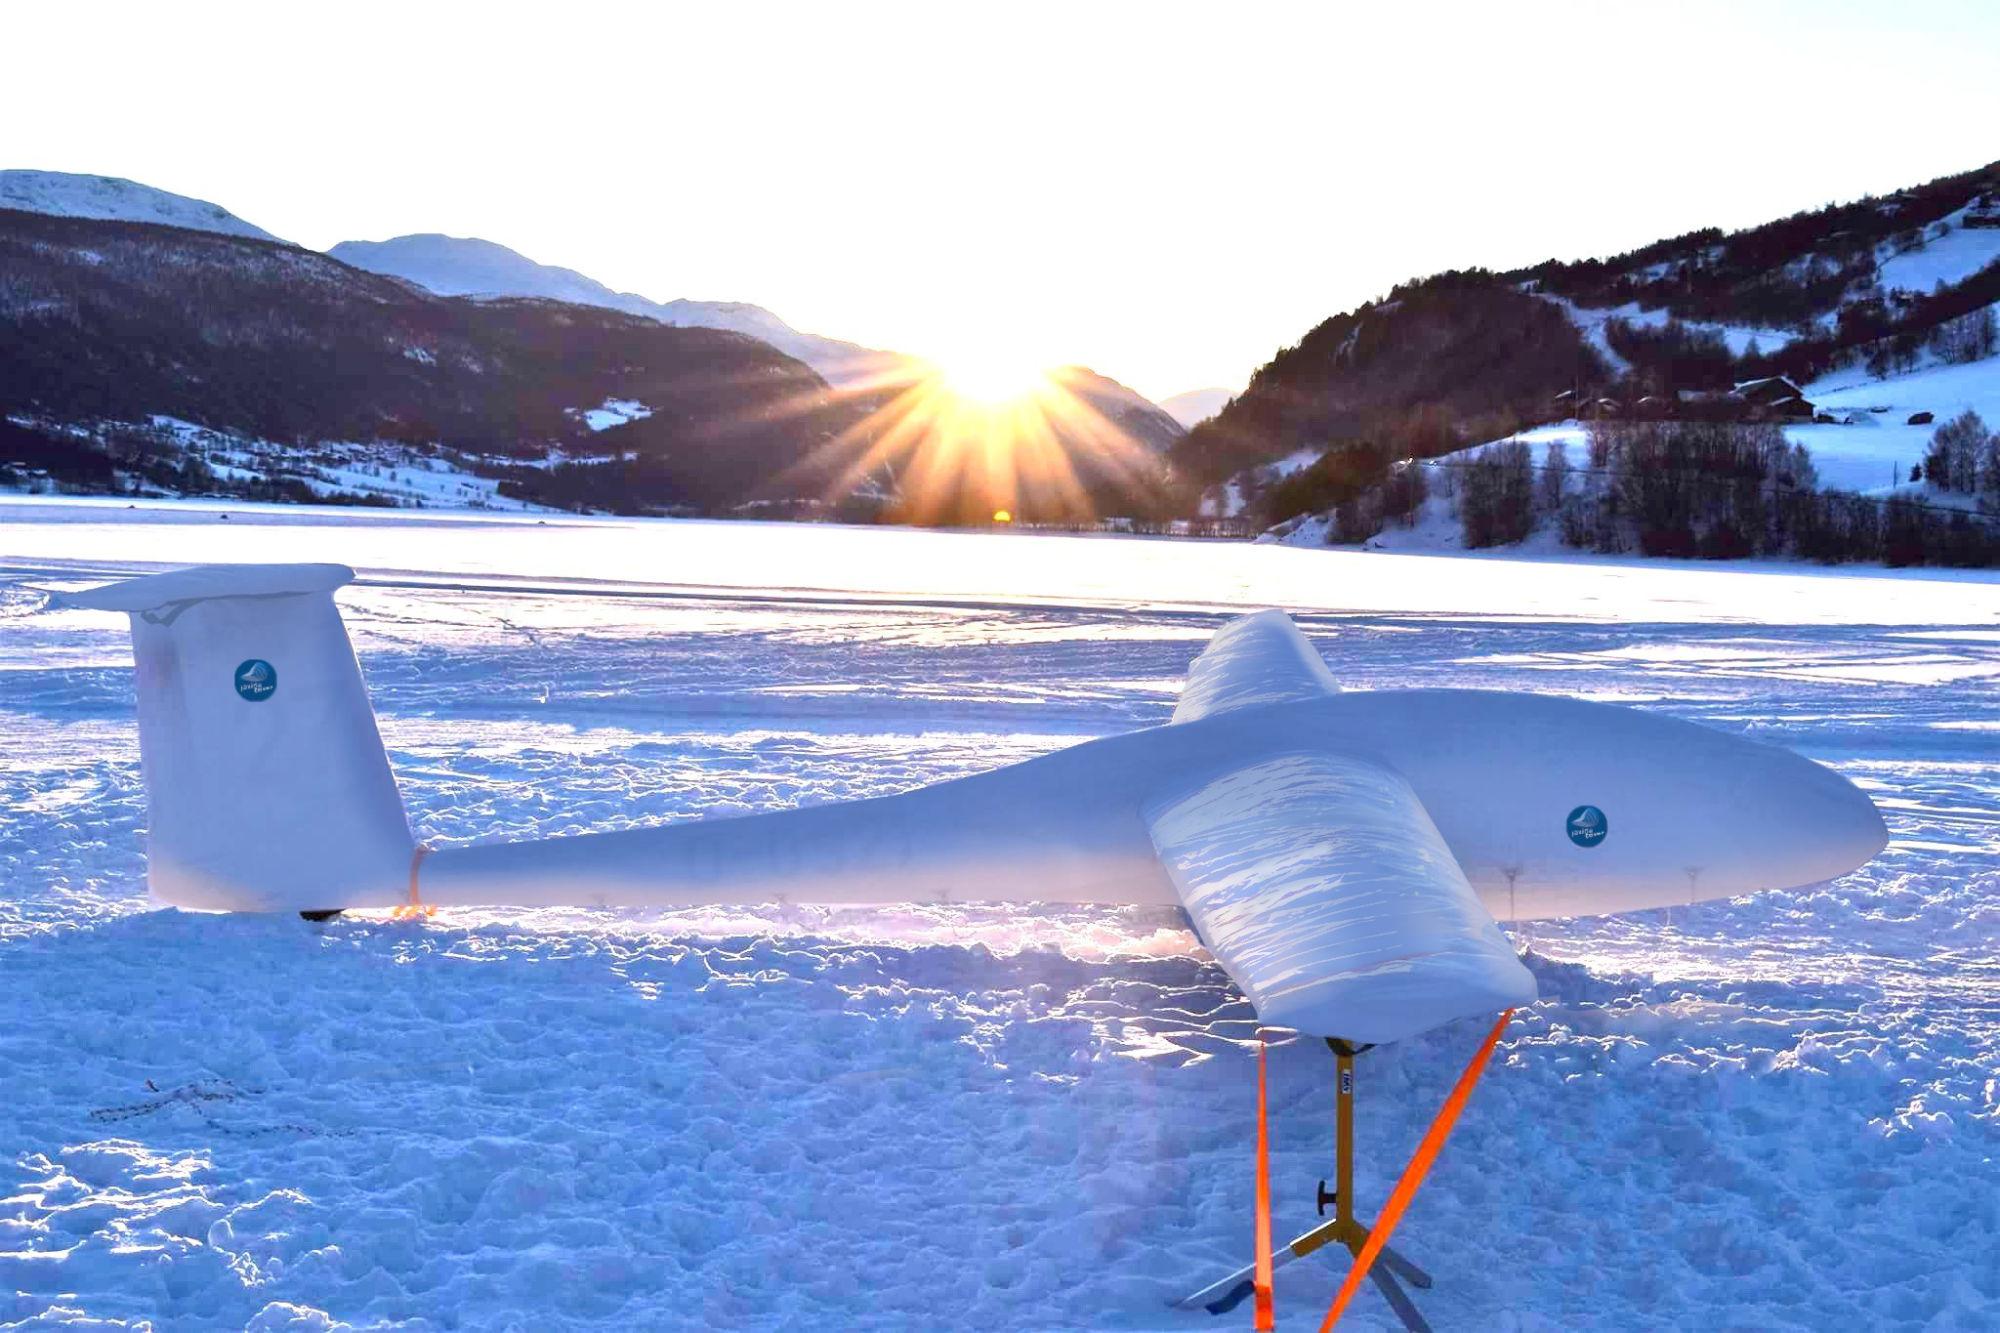 Segelflugzeug mit Jaxida-Cover in Eis und Schnee